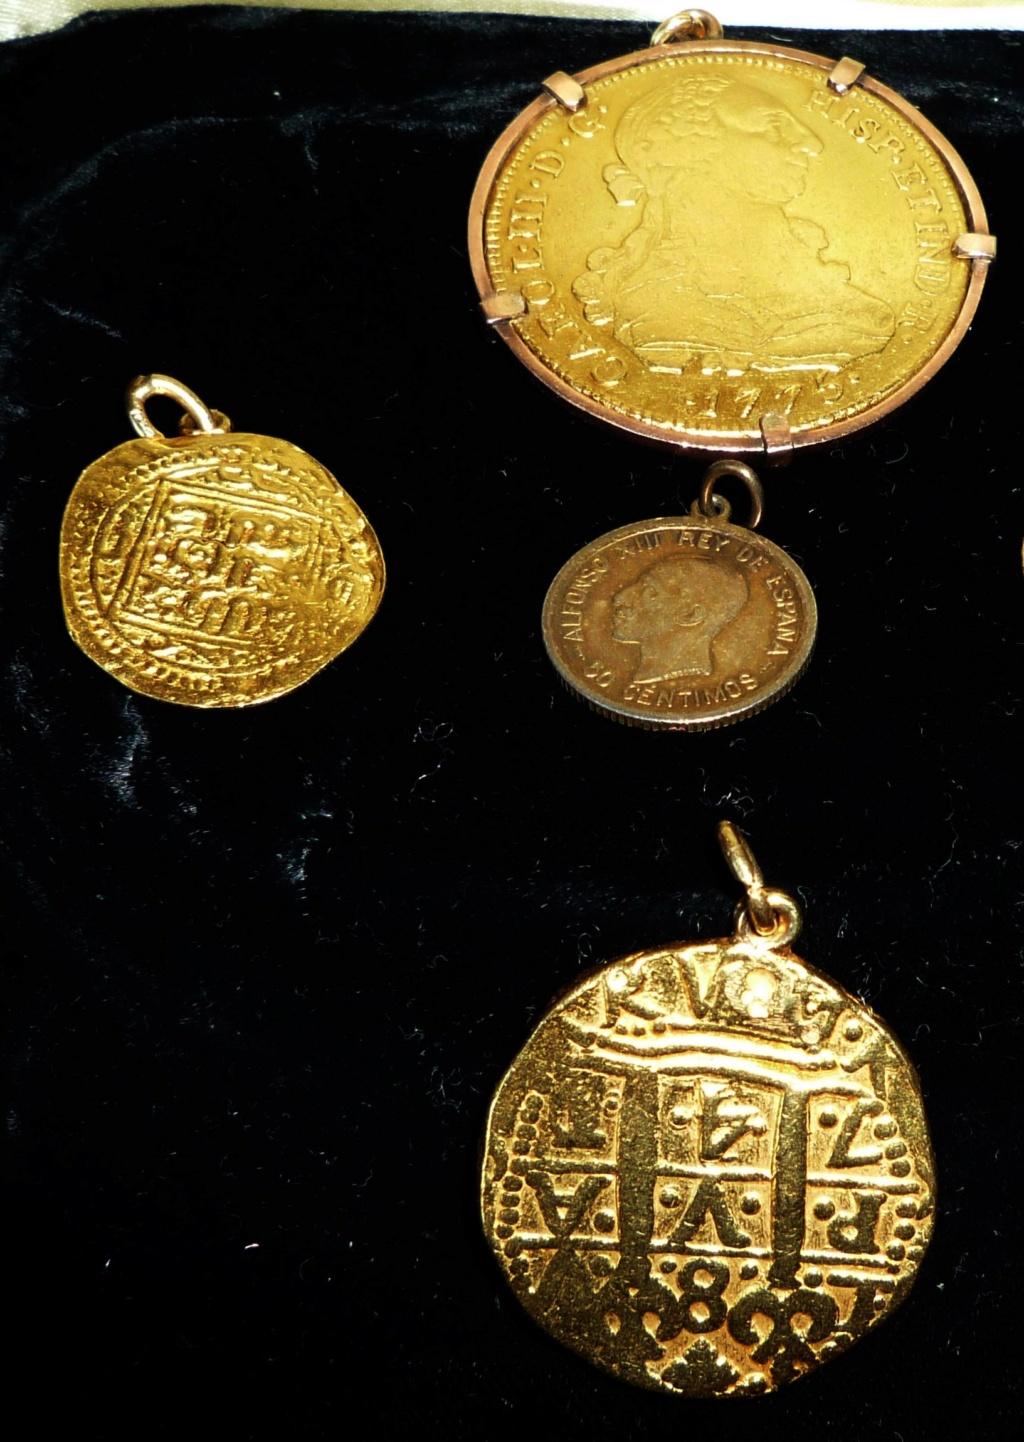 Moneda de oro para identificar. Pulser10